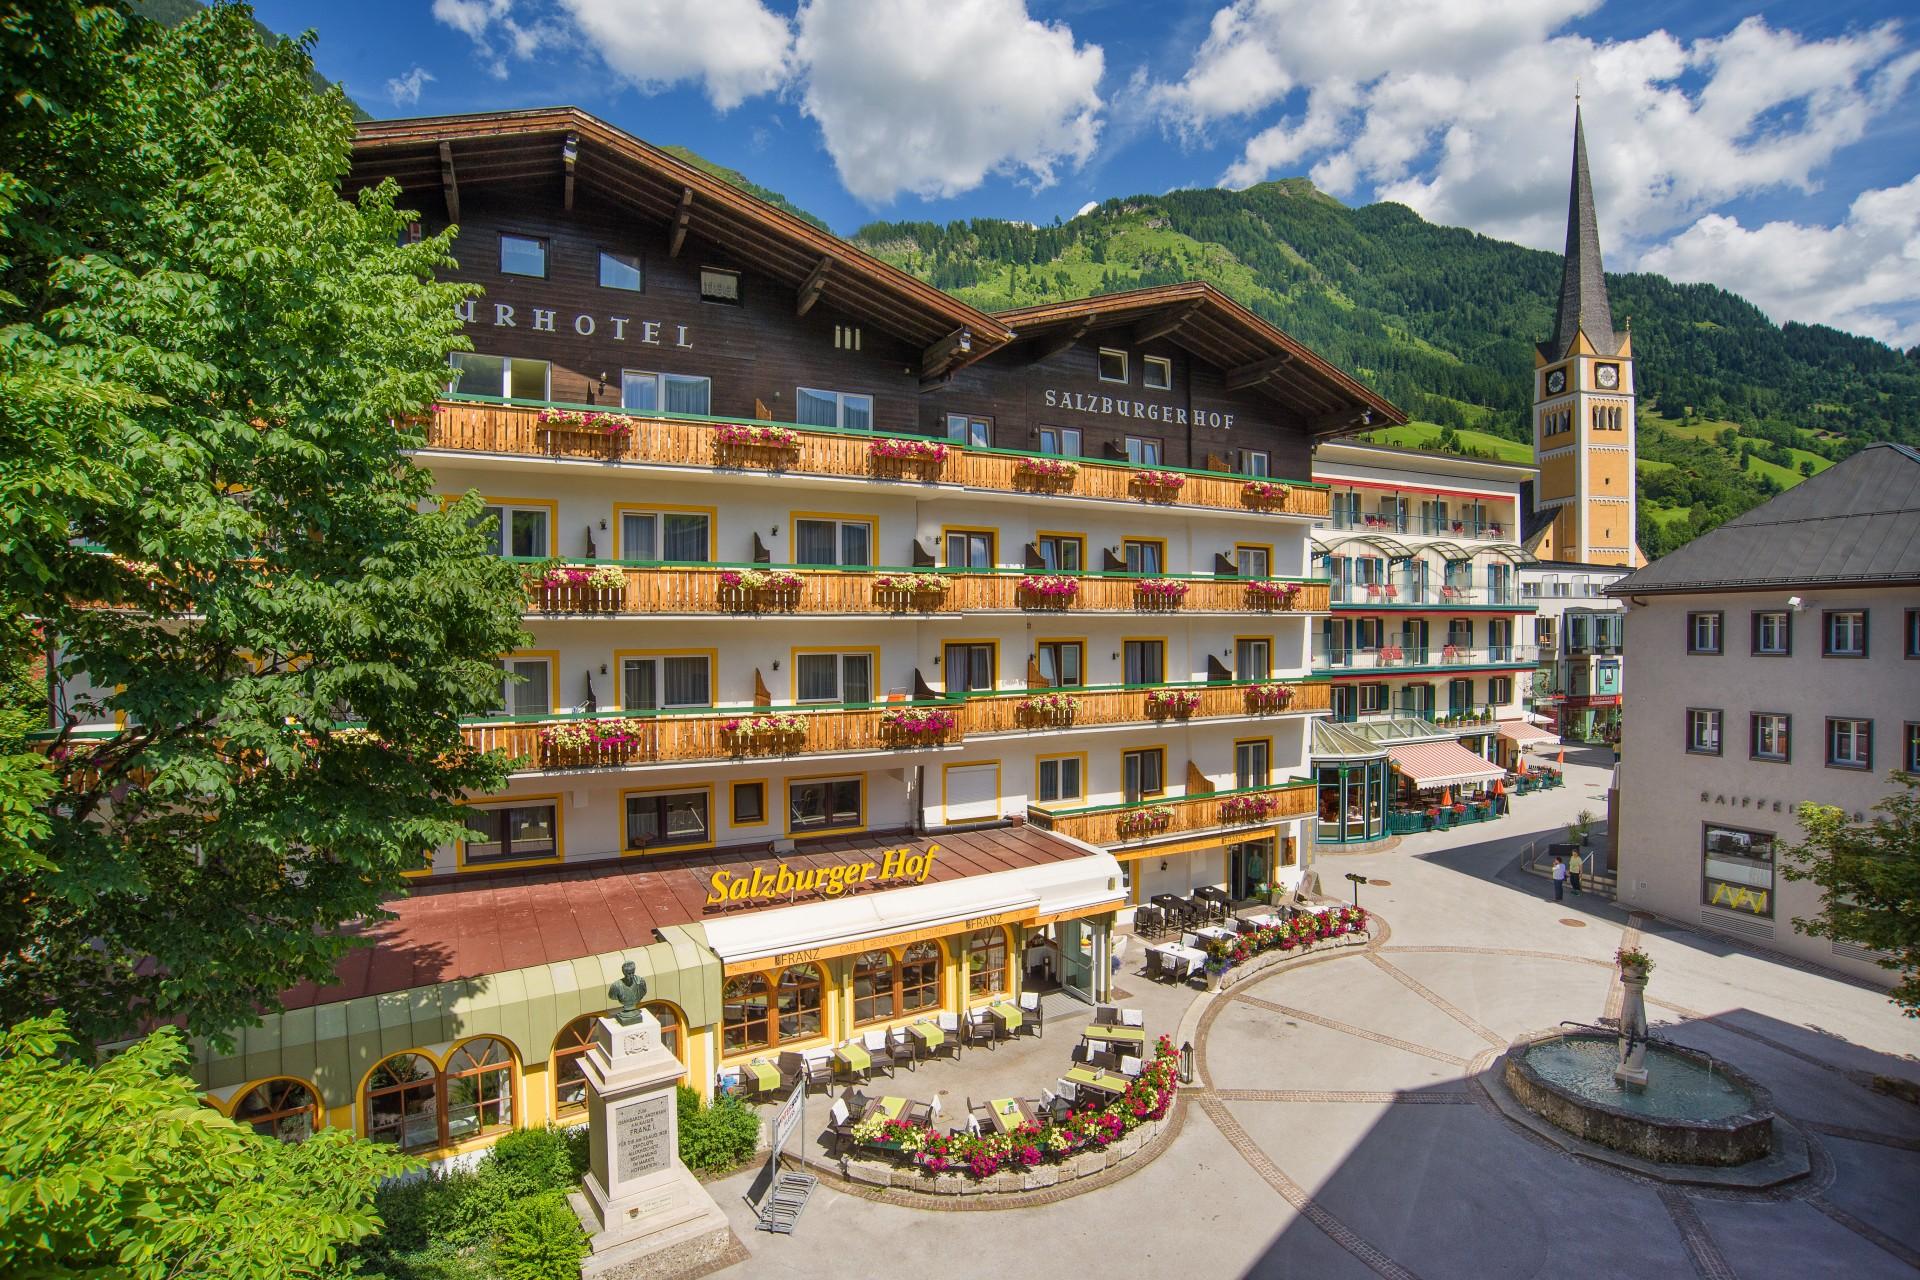 Hotel Salzburgerhof Bad Hofgastein